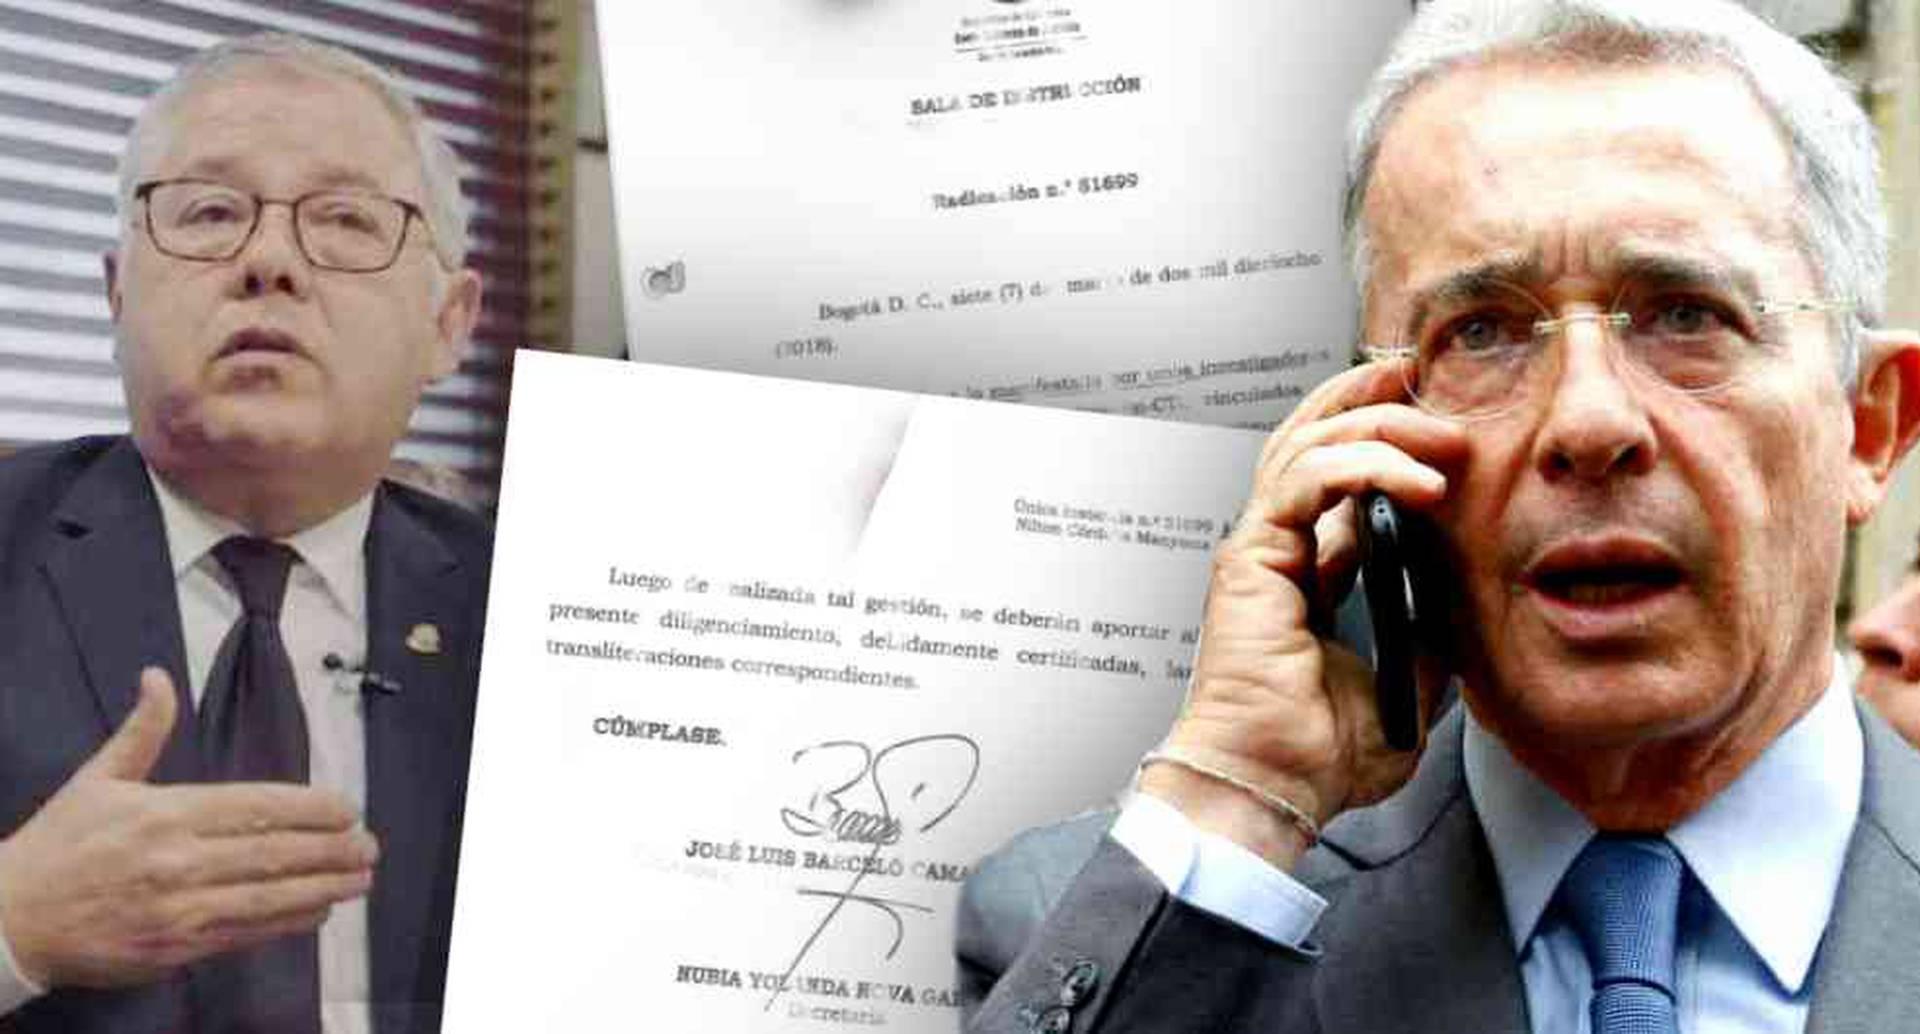 """En el auto, el magistrado Barceló le pide a la Dirección Nacional del Cuerpo Técnico de Investigaciones de la Fiscalía que """"rastree y registre"""" todas las comunicaciones que se realicen por 90 días desde dos números celulares, a partir de ese día, el 7 de marzo de 2018."""